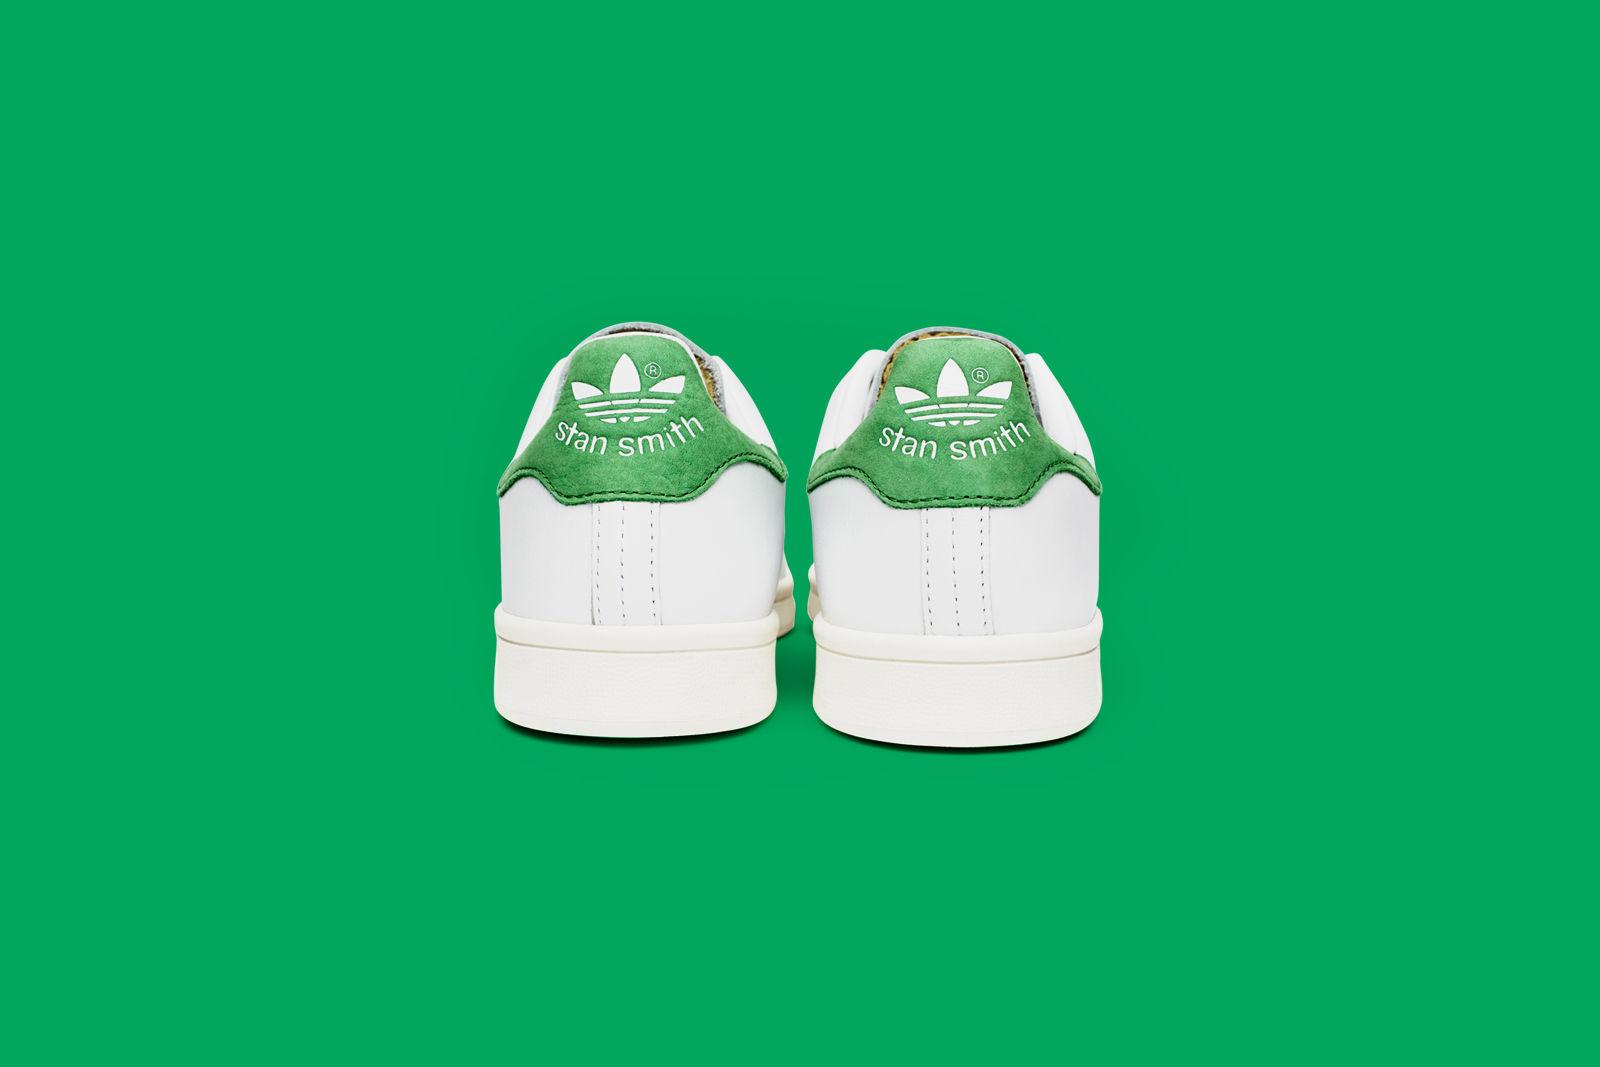 stan smith verte chaussures basket fond vert vintage